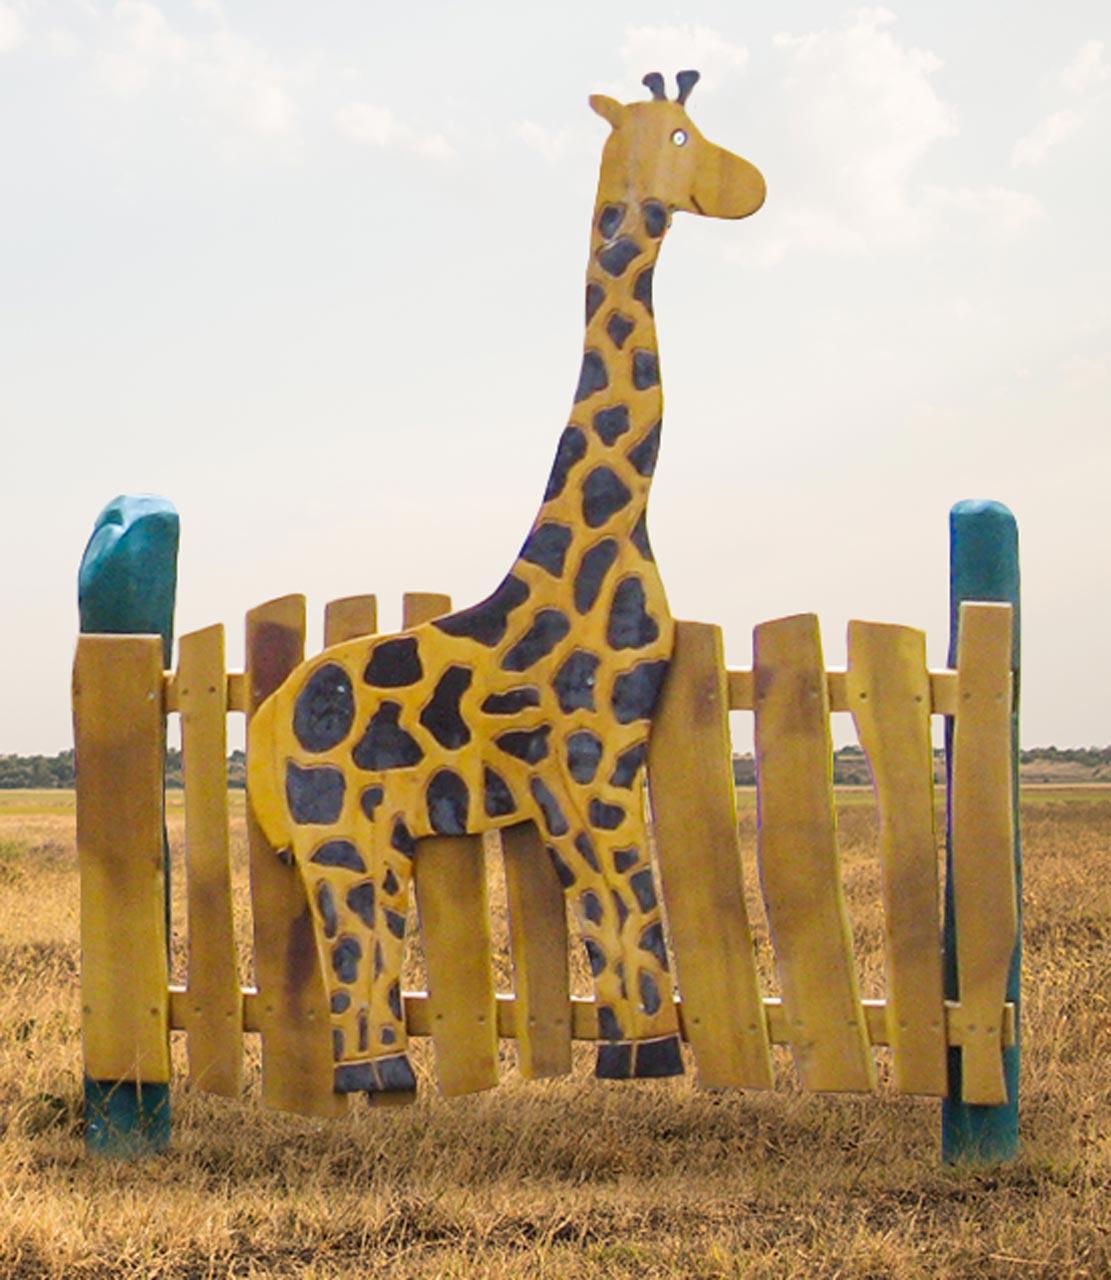 R 12 Spielzaun, Motivzaun mit Giraffe, Zaun für Spielplatz